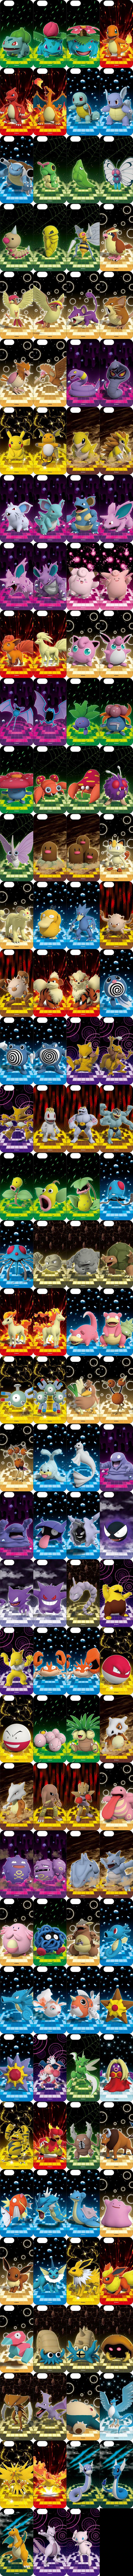 這也太難選擇了吧!!《精靈寶可夢》訂製智慧型手機保護殼 カスタムスマートフォンジャケット 「Pokémon151」